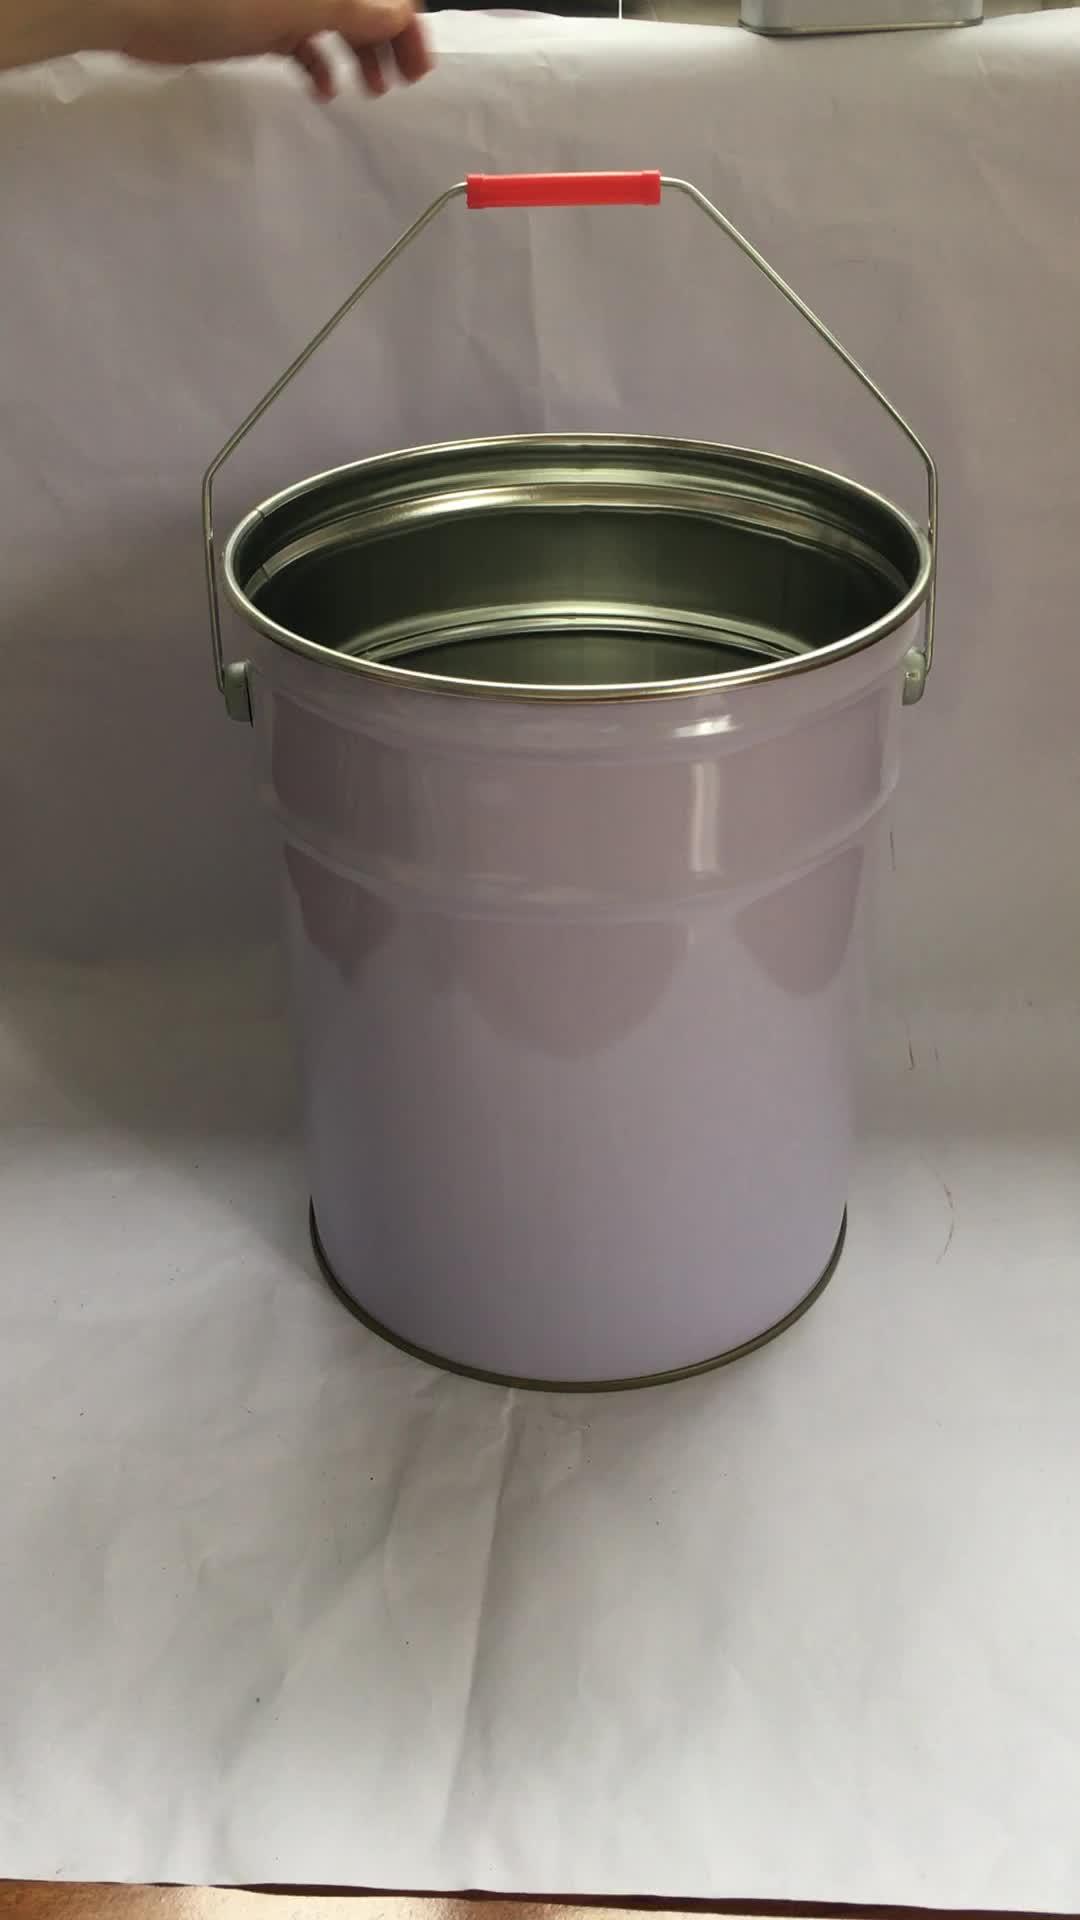 20L เหล็กวิลาดโลหะเคมีสีดีบุกถังที่มีการล็อคแหวนฝา